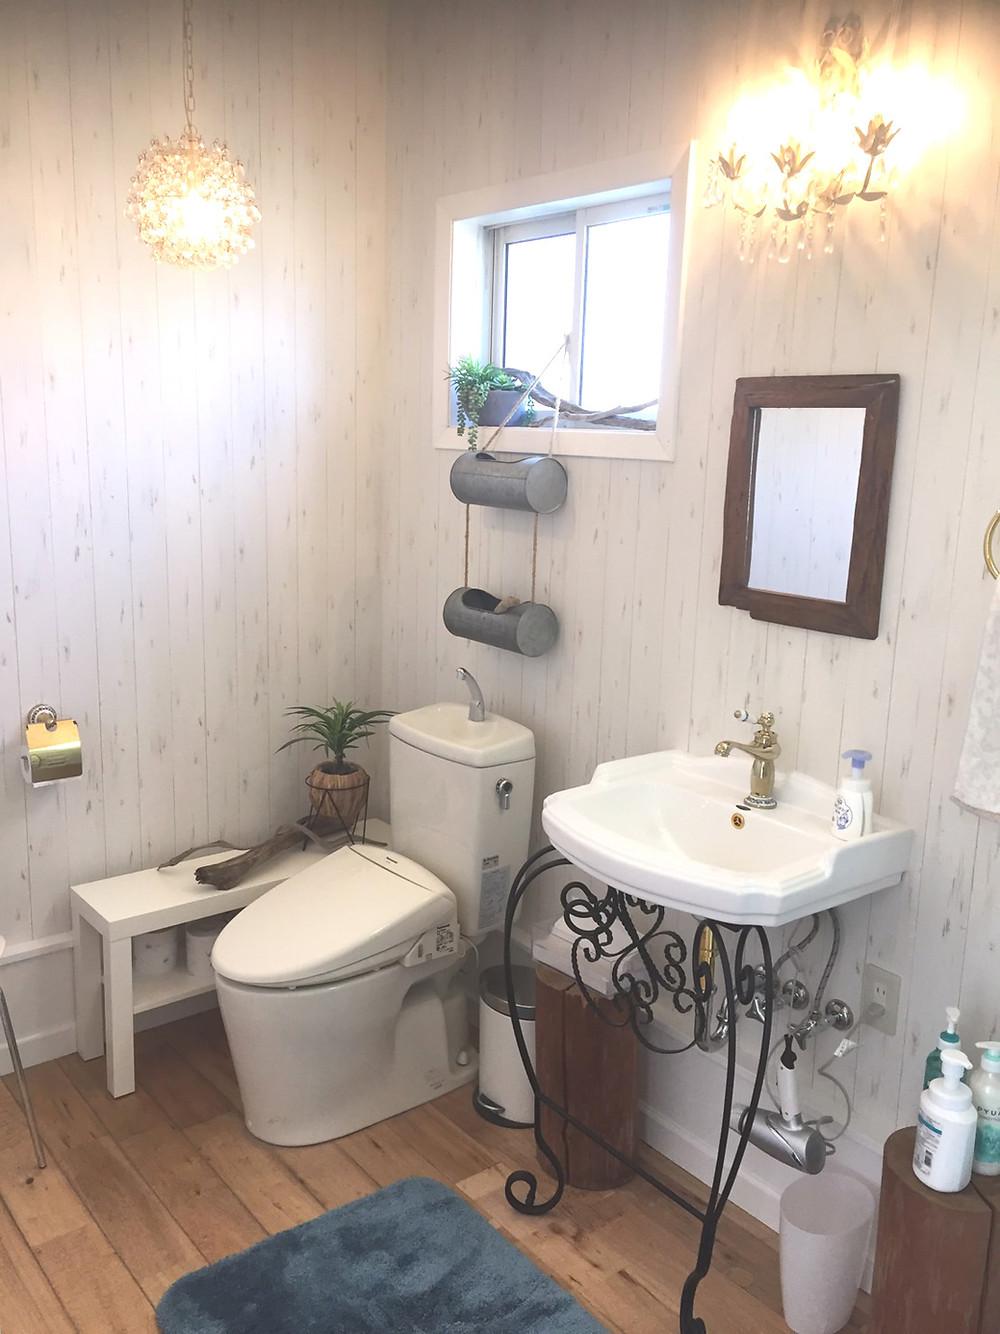 ひらいその洗面所改修工事が完了しました!